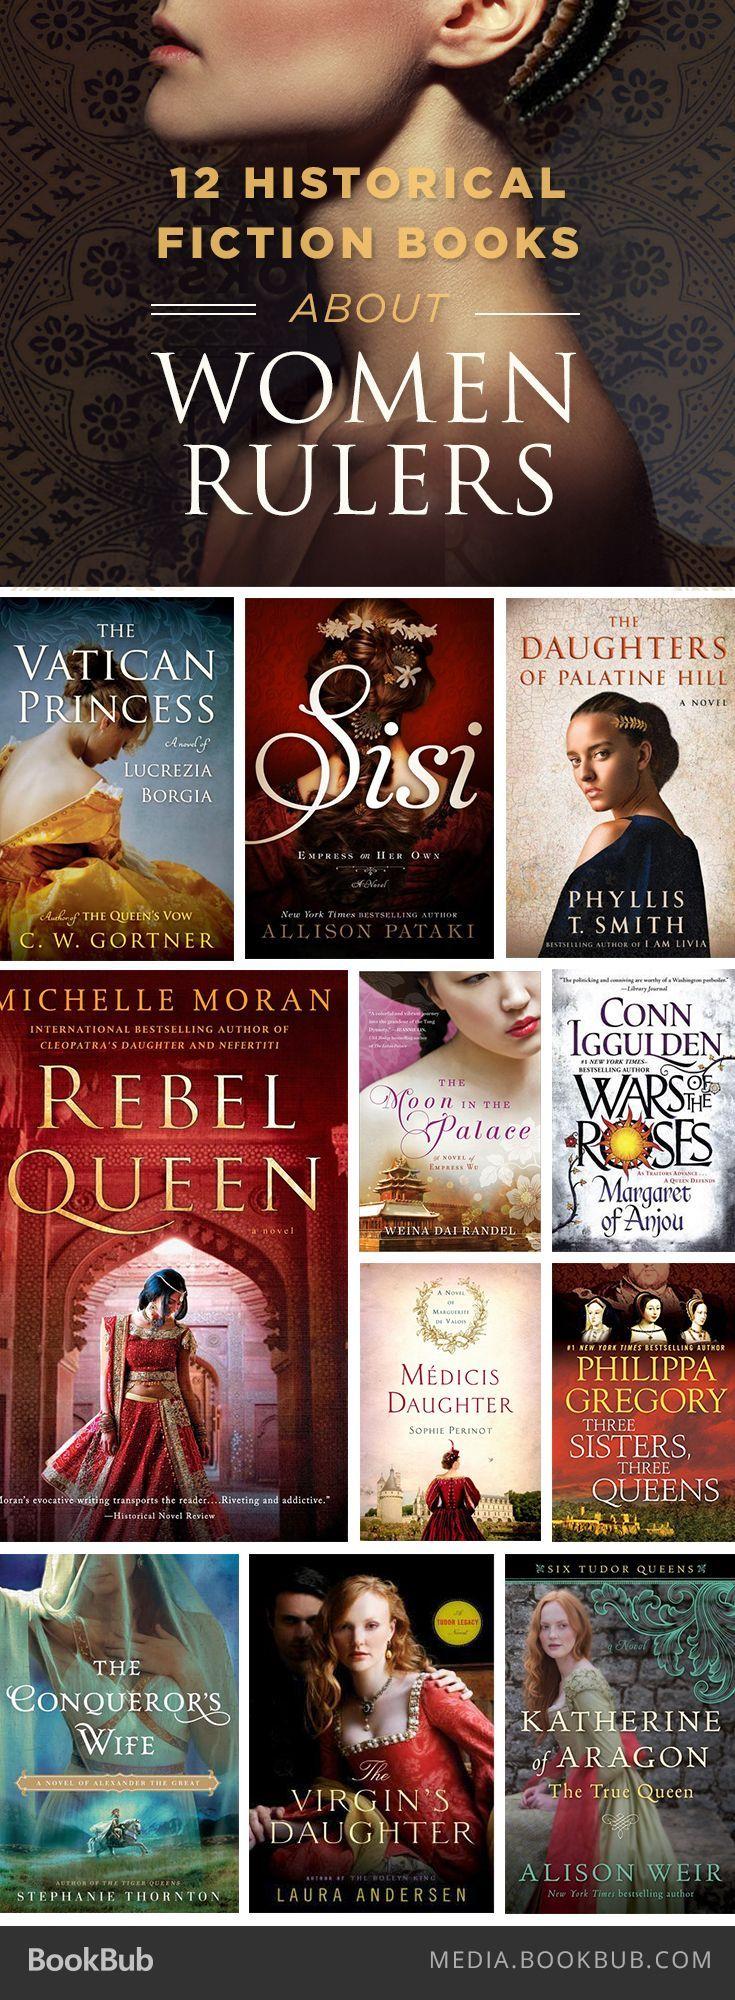 Os 12 livros de ficção histórica sobre as mulheres que reinaram.